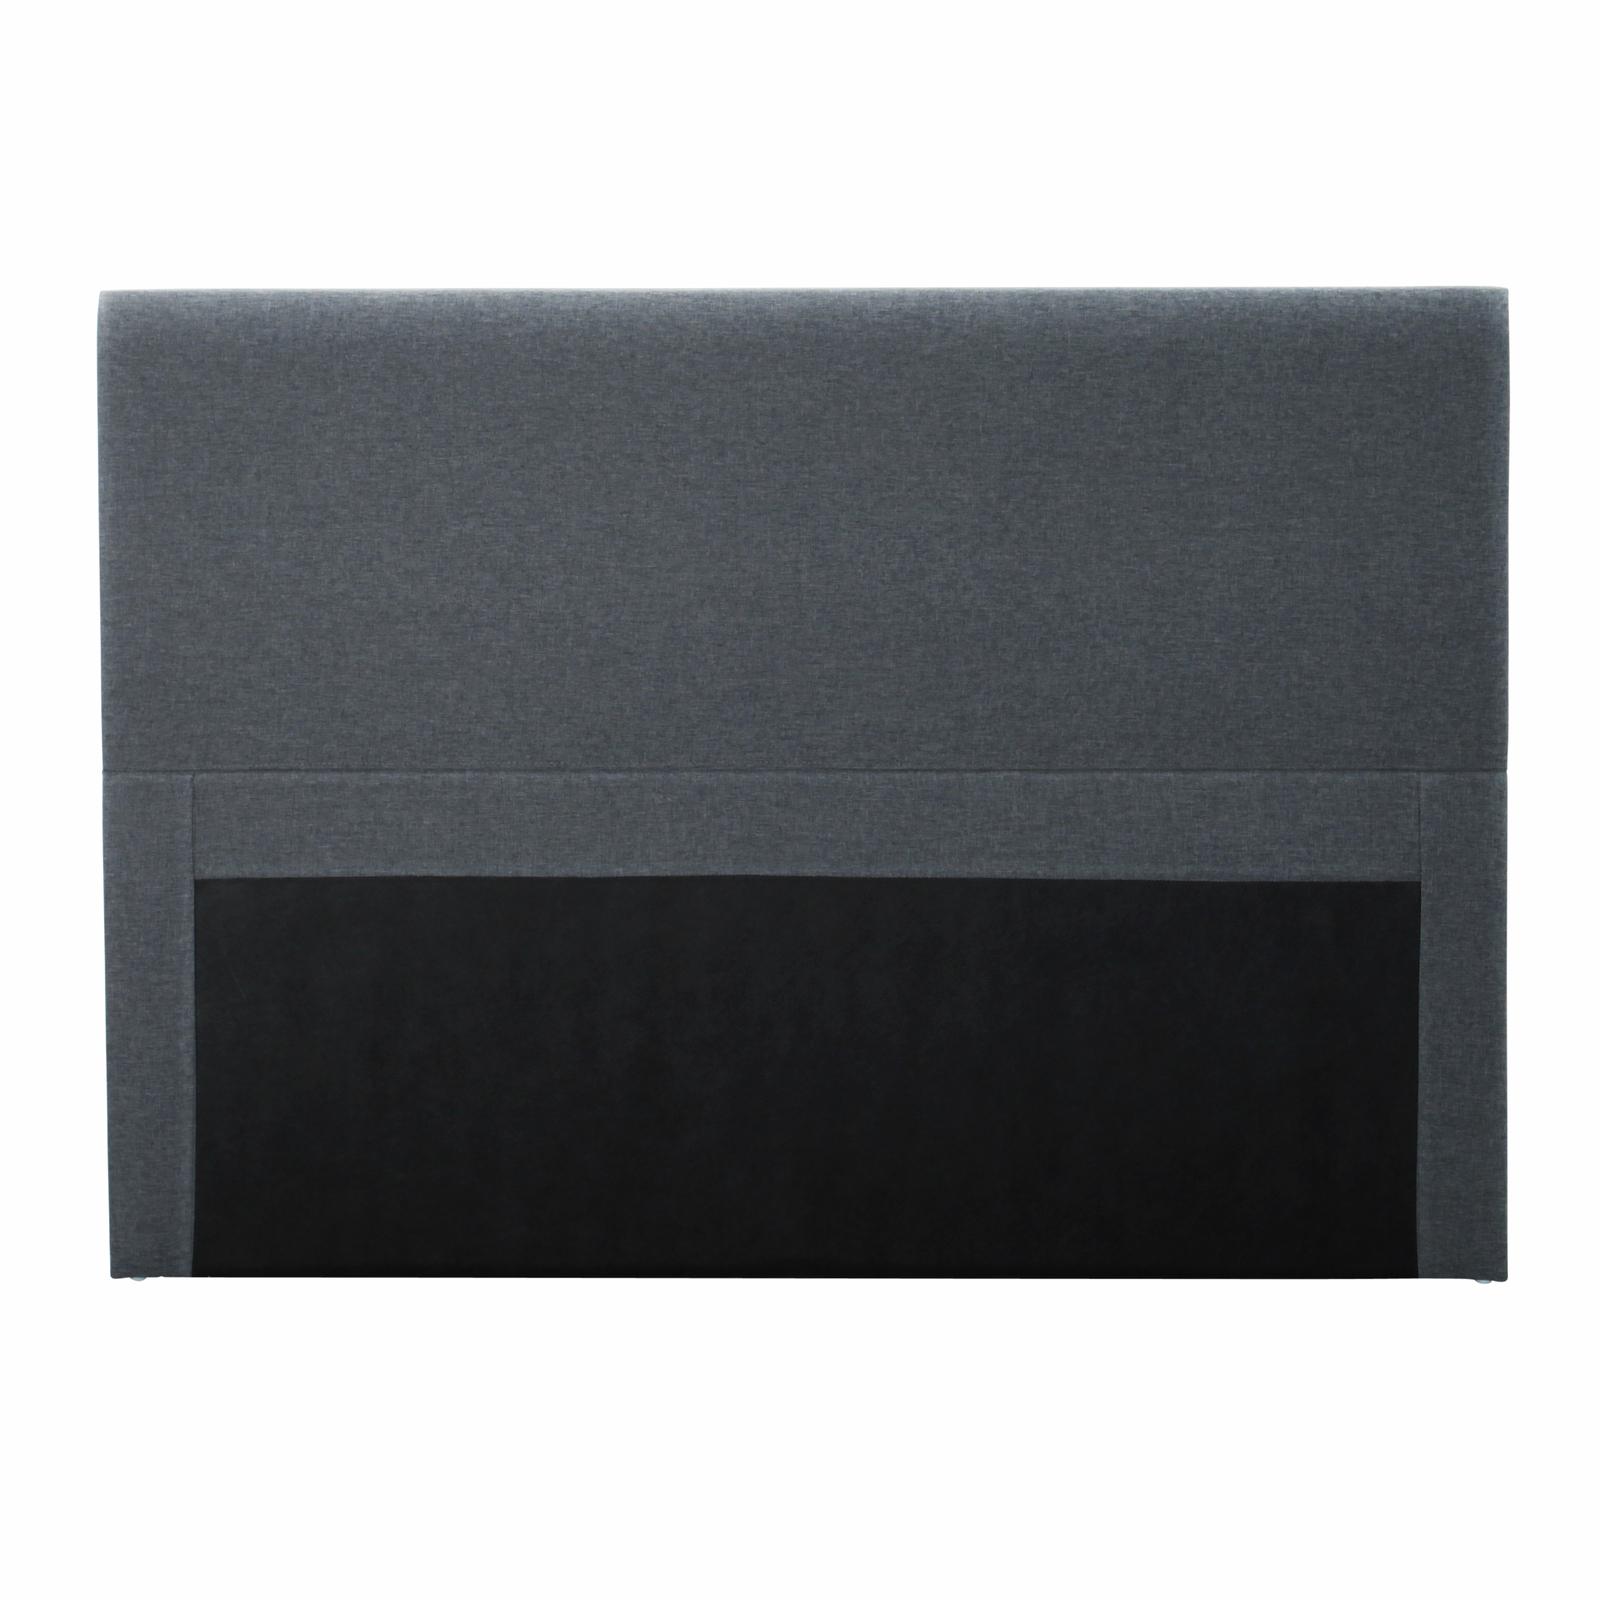 The BO-Living Isabel Dark Grey Queen Headboard